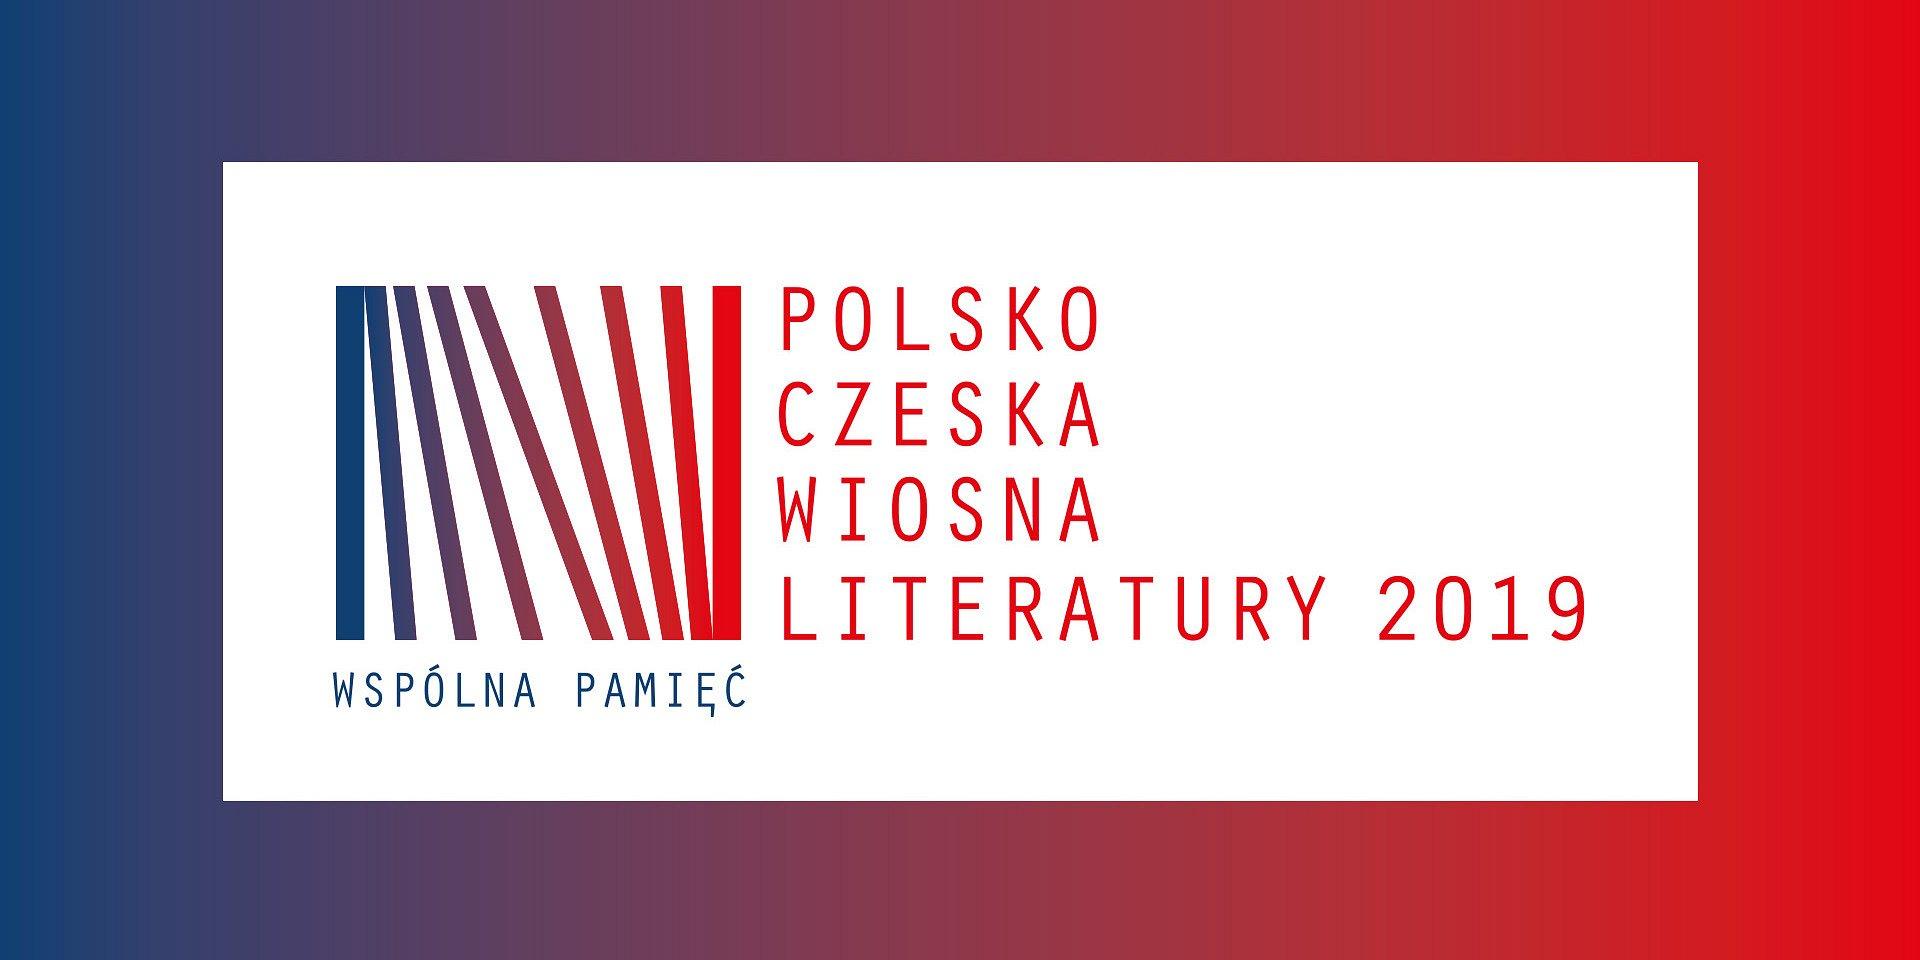 Wspólna pamięć. Polsko-Czeska Wiosna Literatury 2019